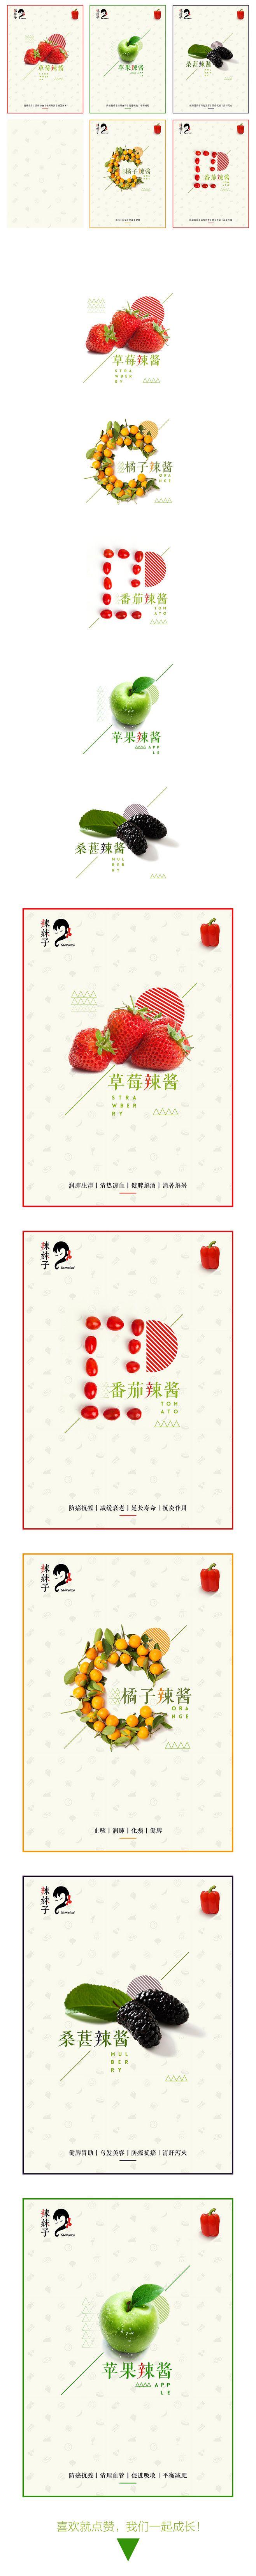 辣妹子辣酱海报设计 日本风格 文艺范|D...